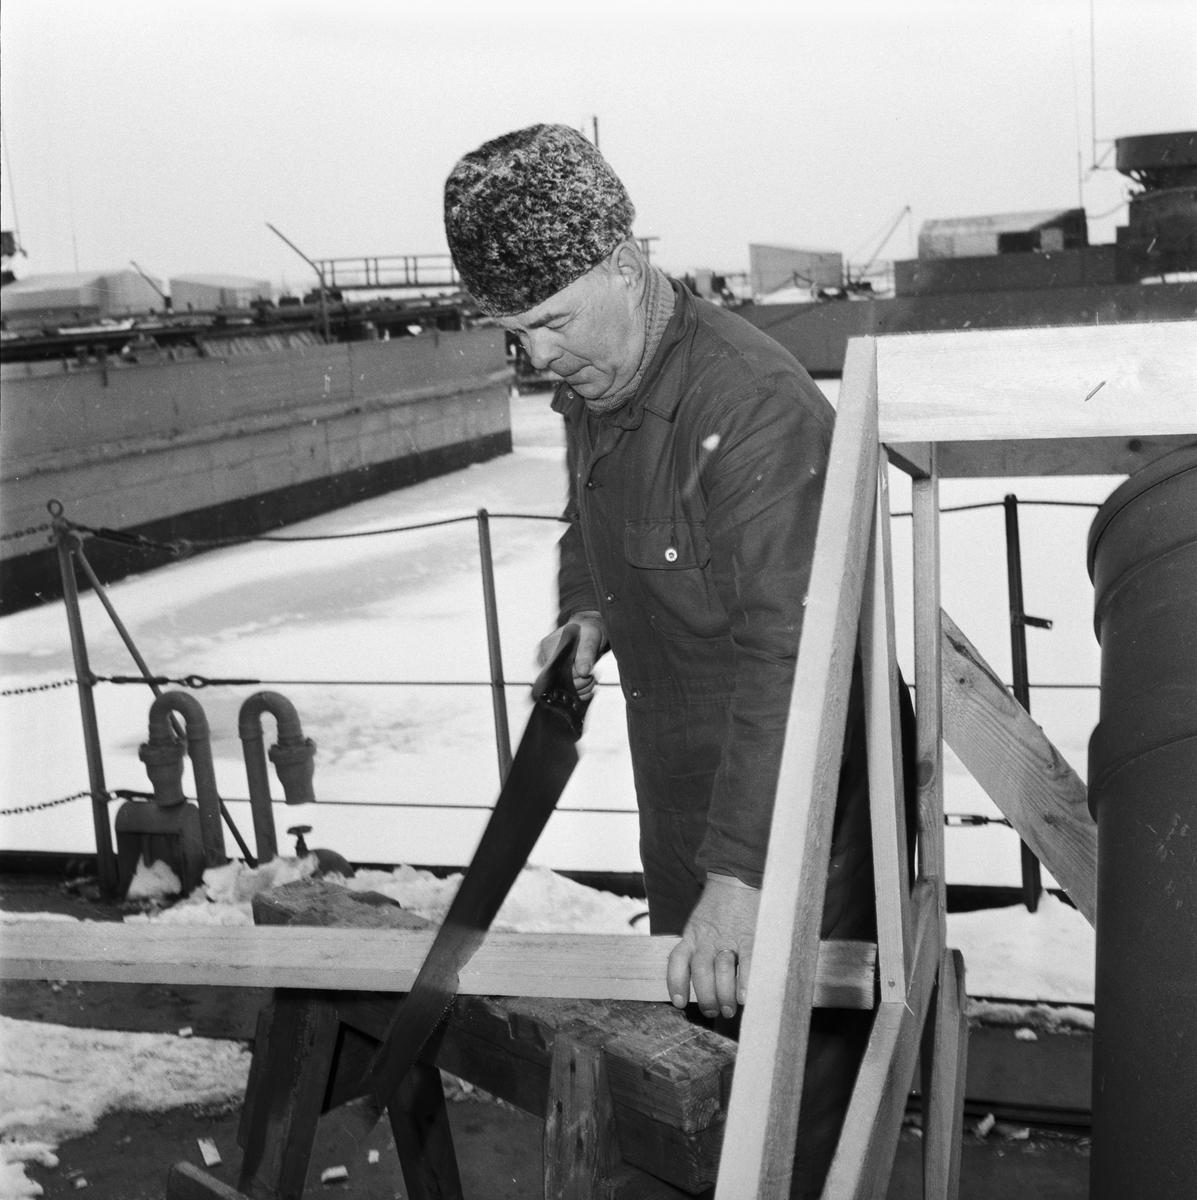 Övrigt: Foto datum: 2/1 1958 Byggnader och kranar Drift pensionärer (varvet runt)